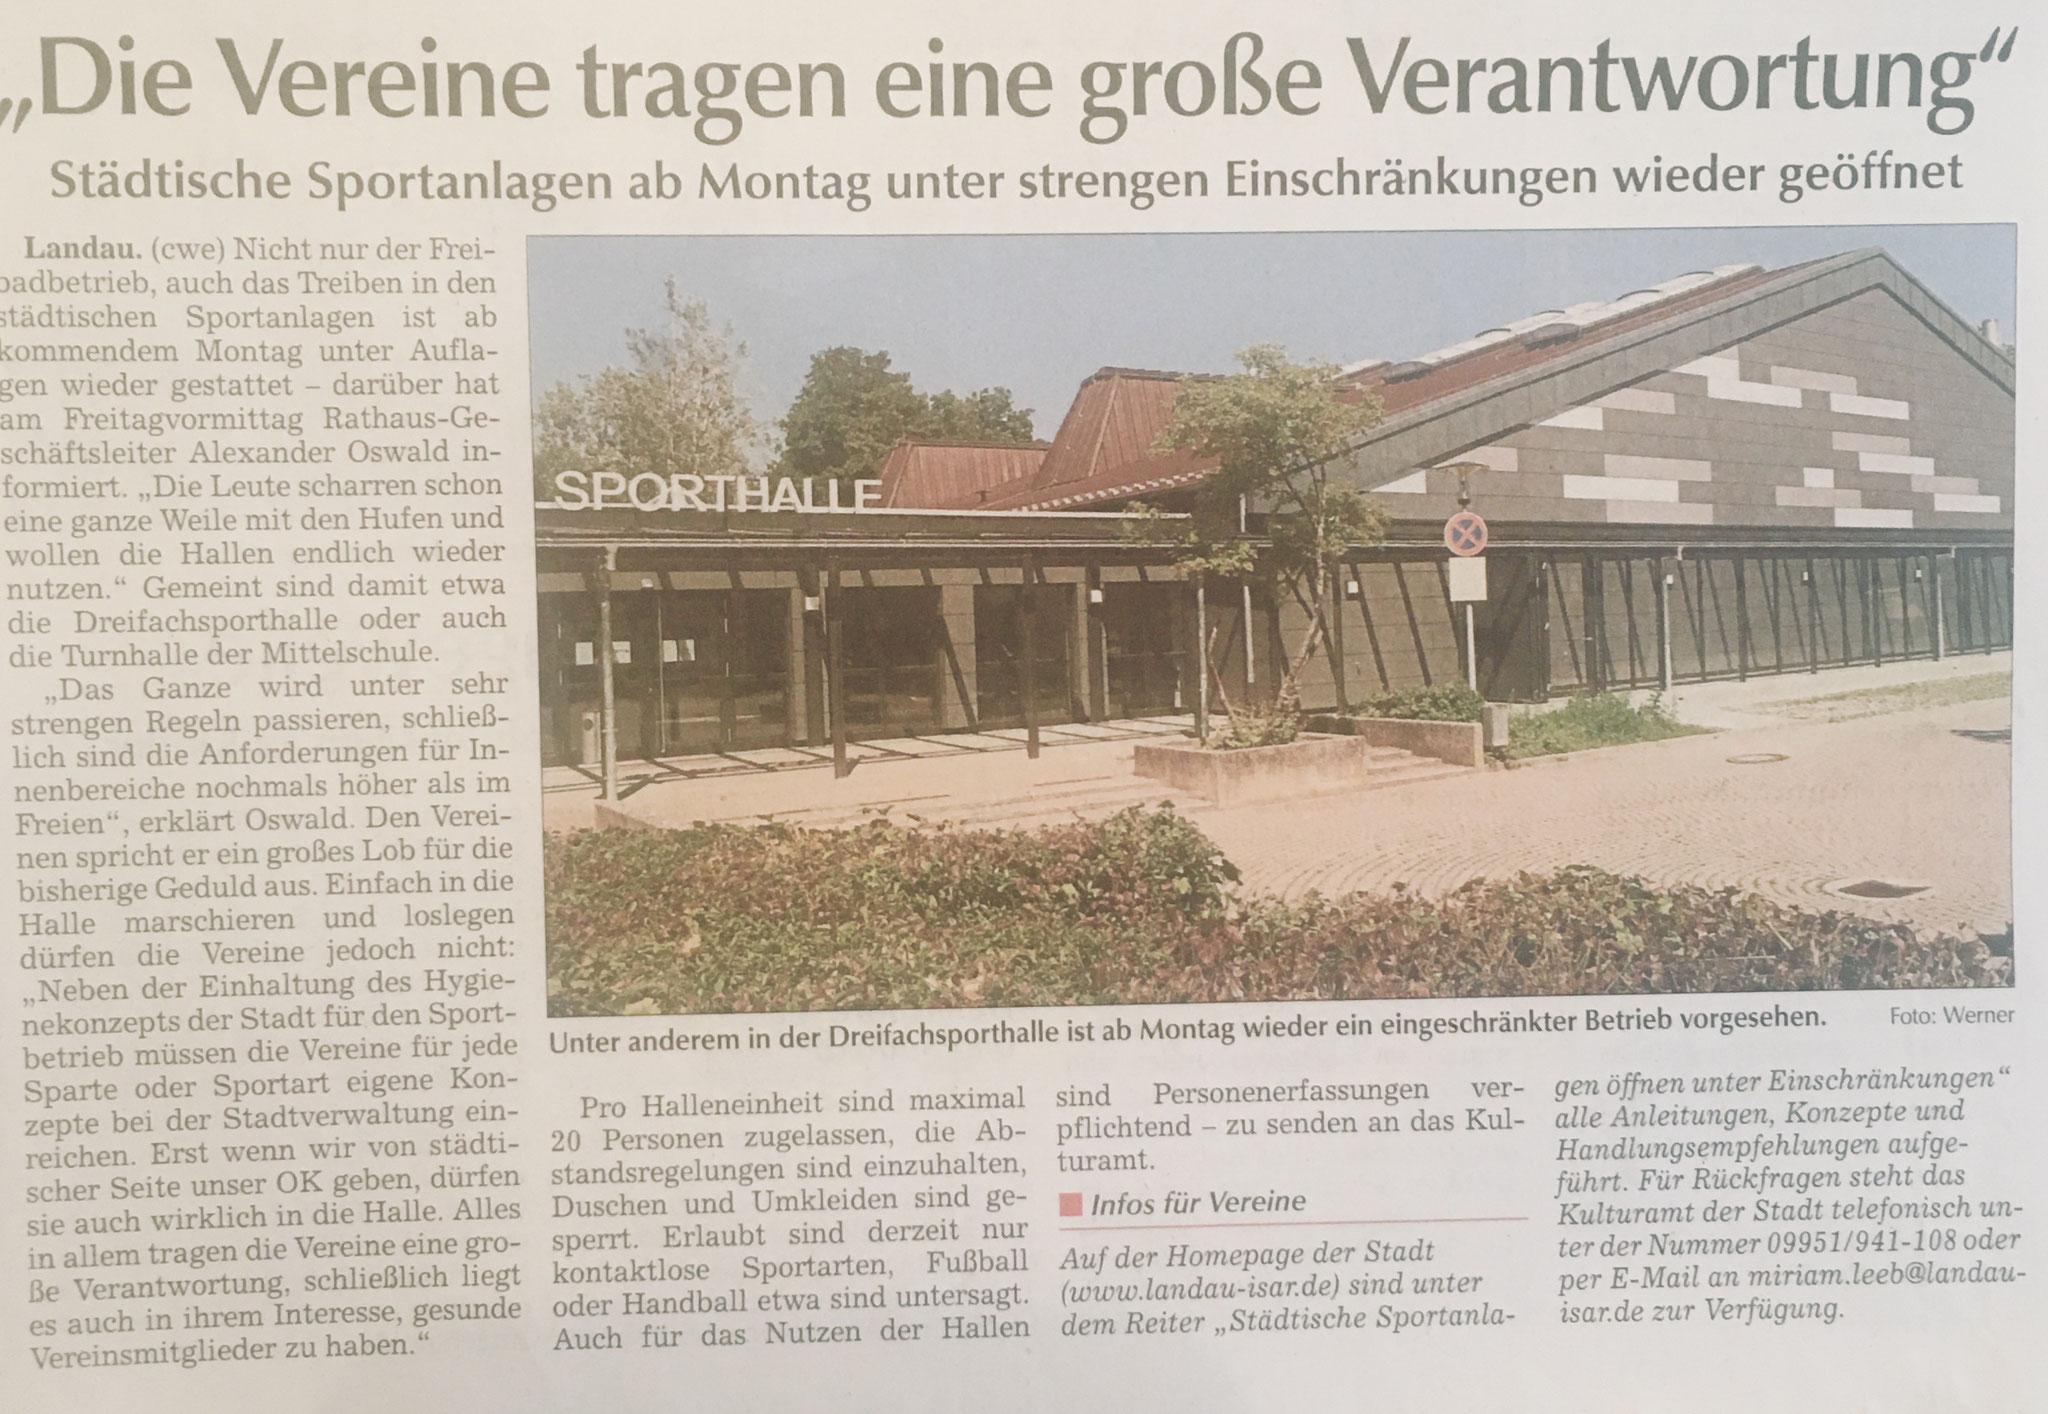 Pressebericht der Stadt Landau am 13.06.2020